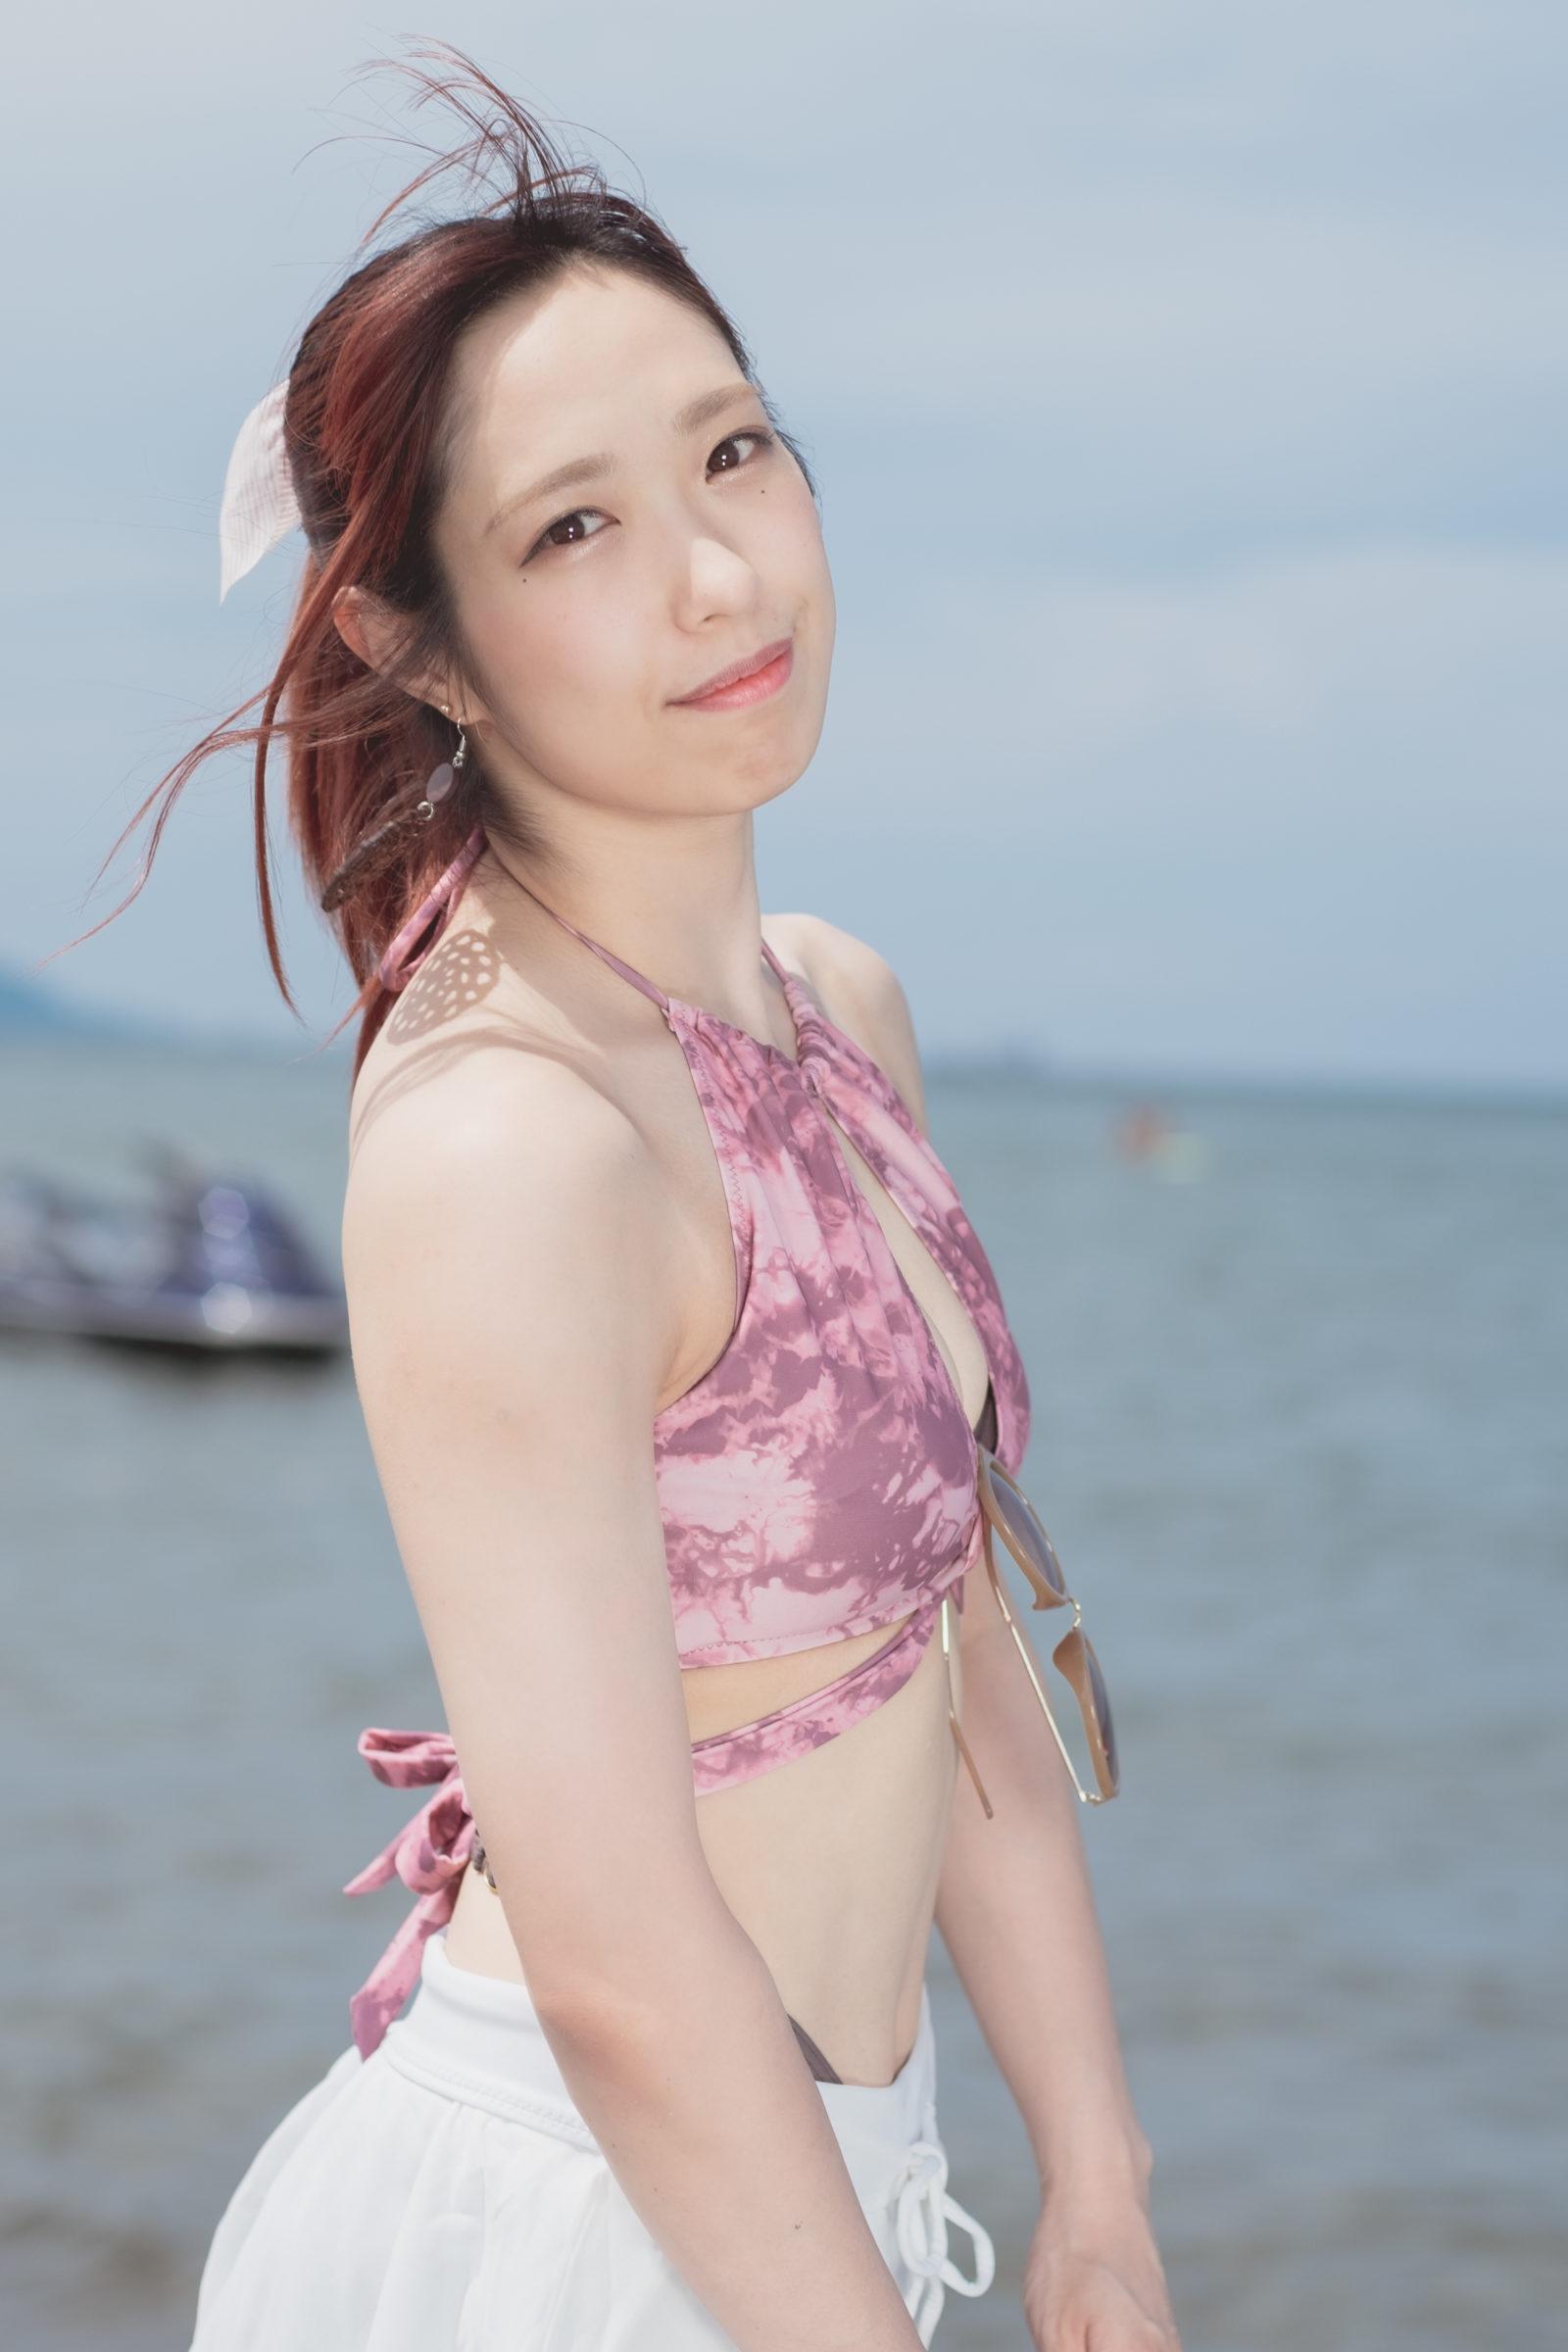 フルーティー♡ おばち ( 小原優花 ) | ライブプロ海イベント2020水着撮影会